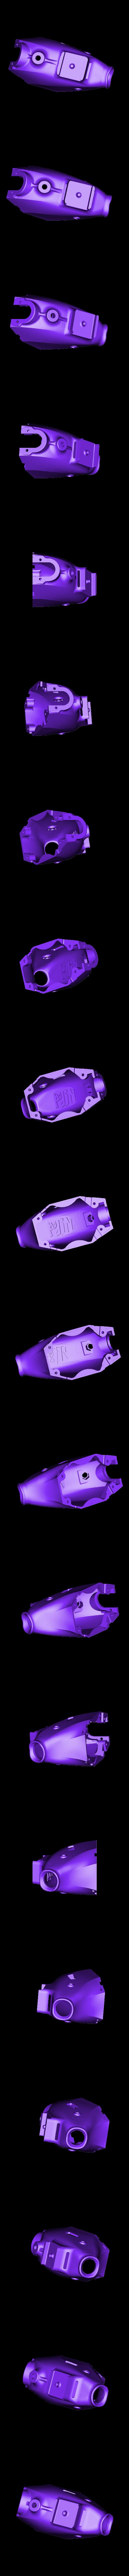 X210_Pod_30degonly_01.stl Télécharger fichier STL gratuit Realacc X210 pod (qav-x). Racing Quad N!PodWE • Modèle imprimable en 3D, alexlpr